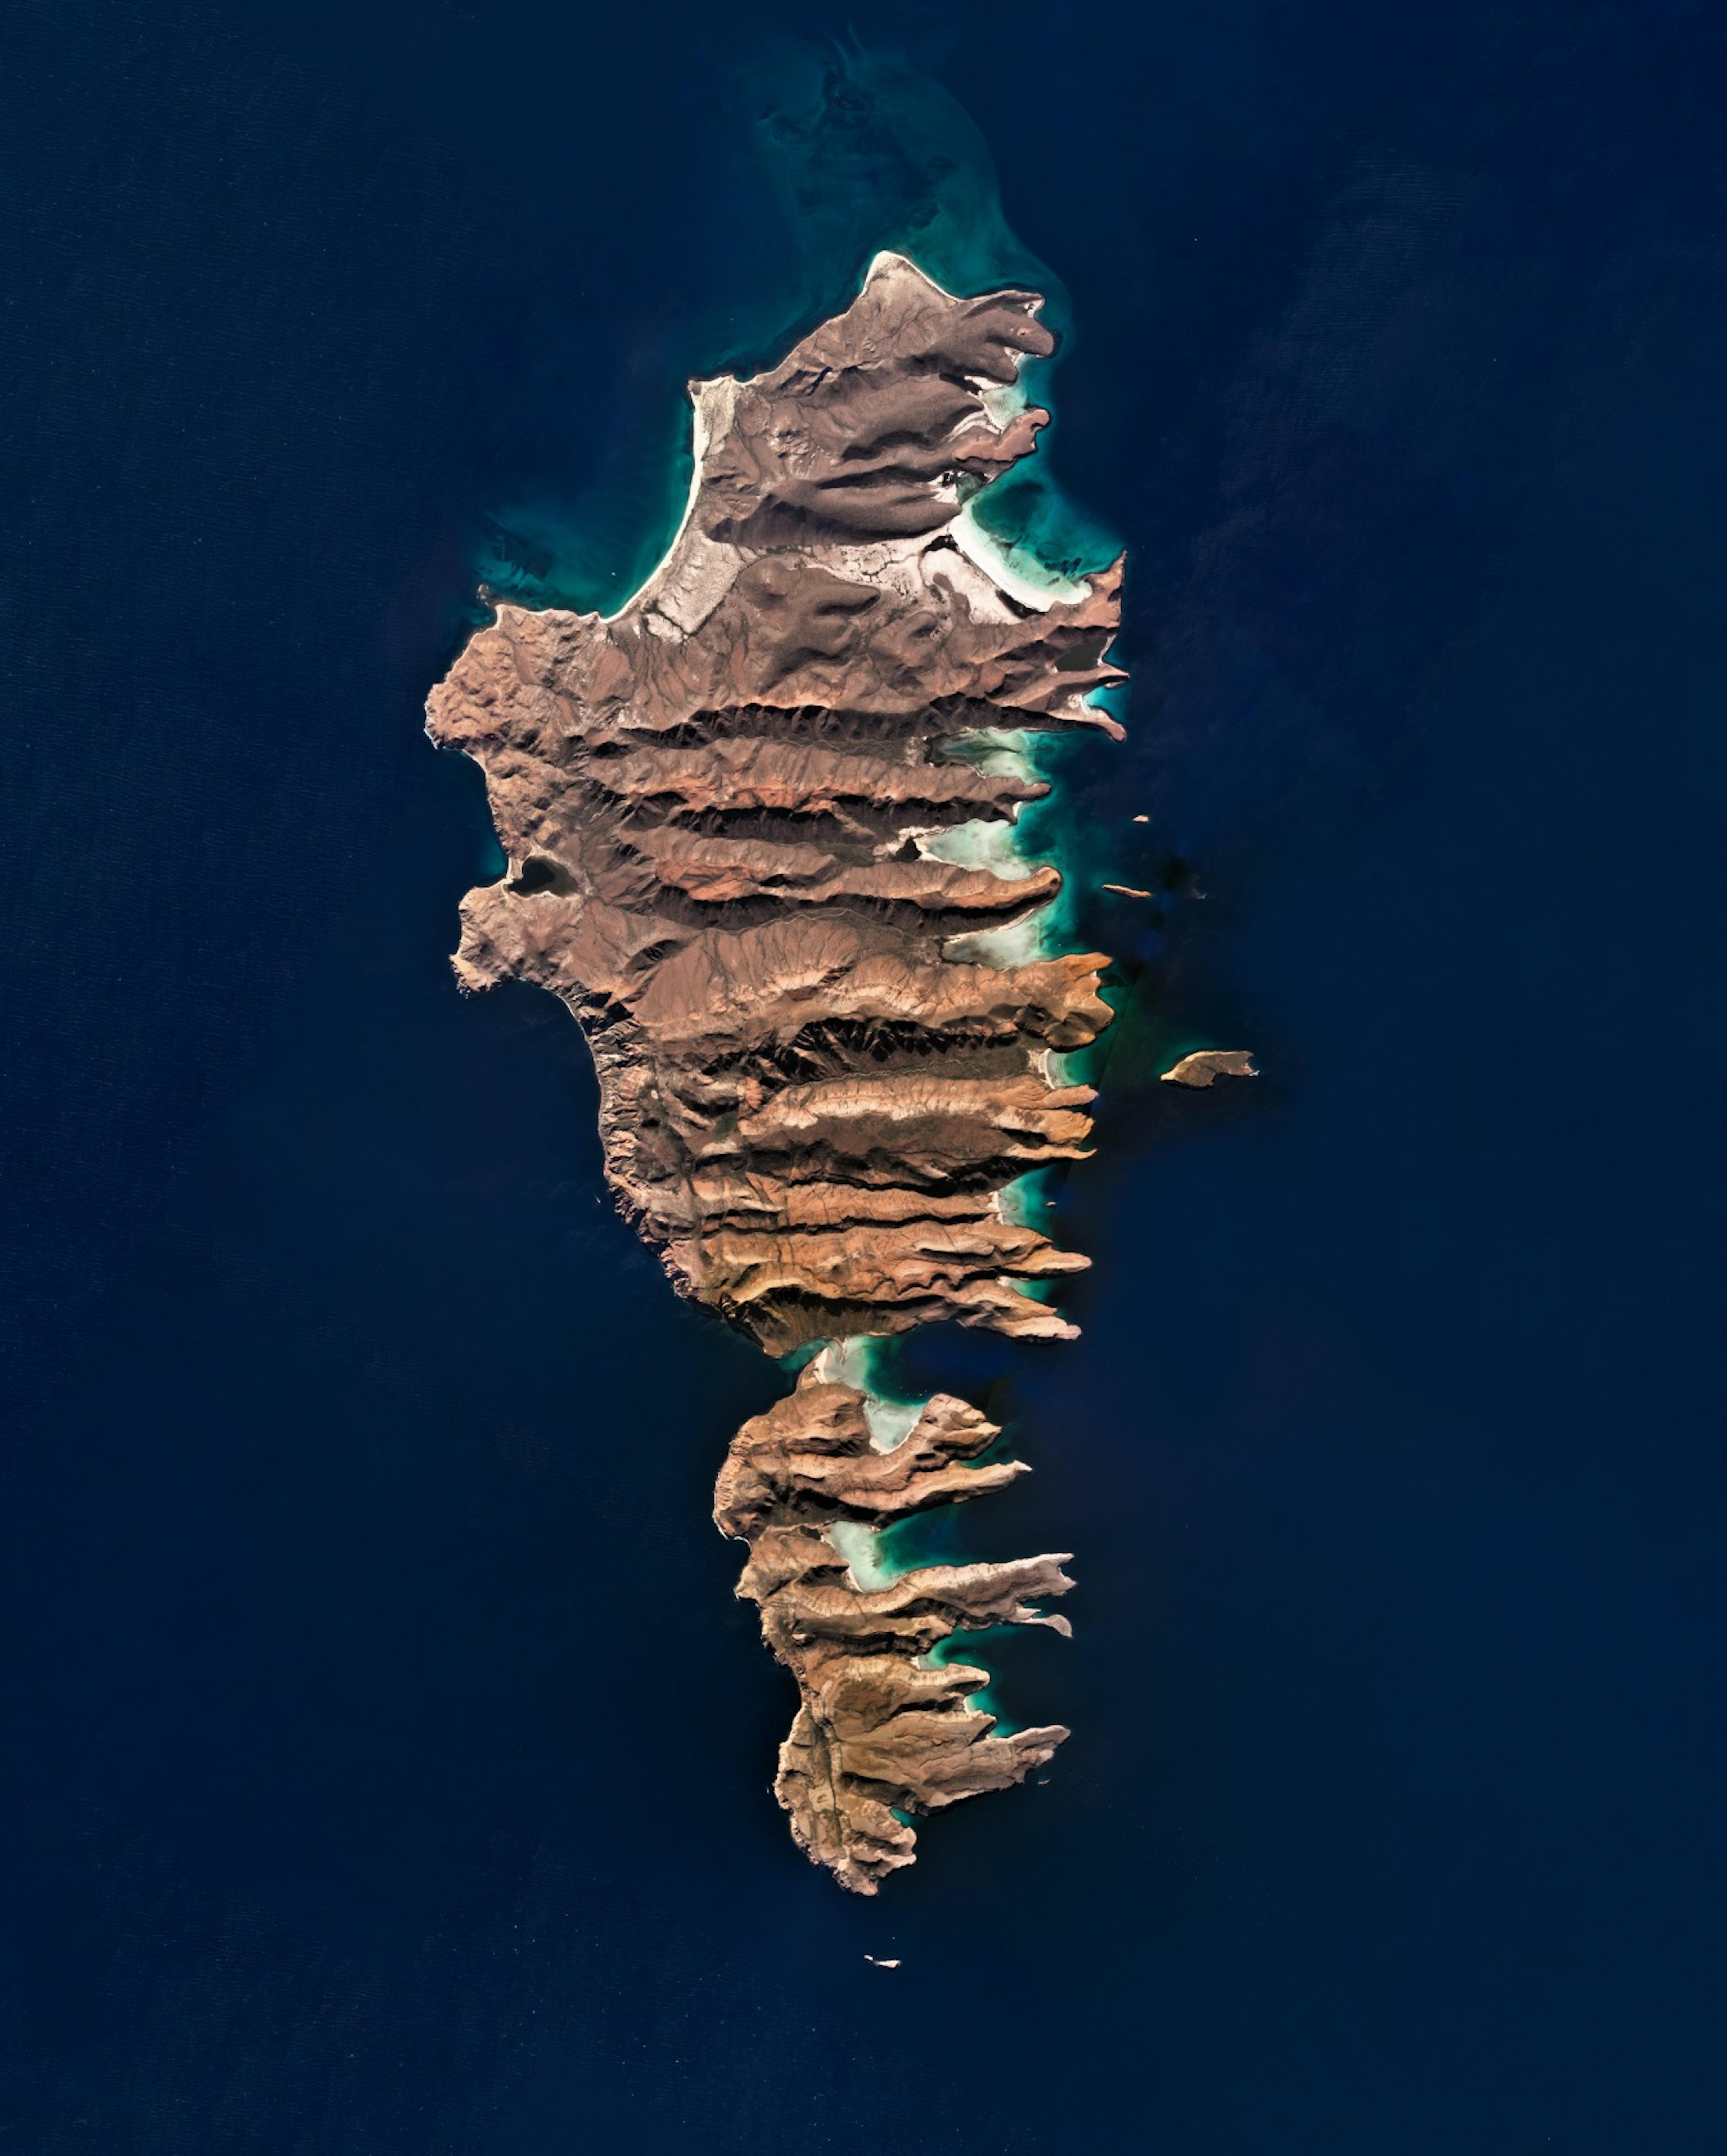 Islas Espíritu Santo and Partida